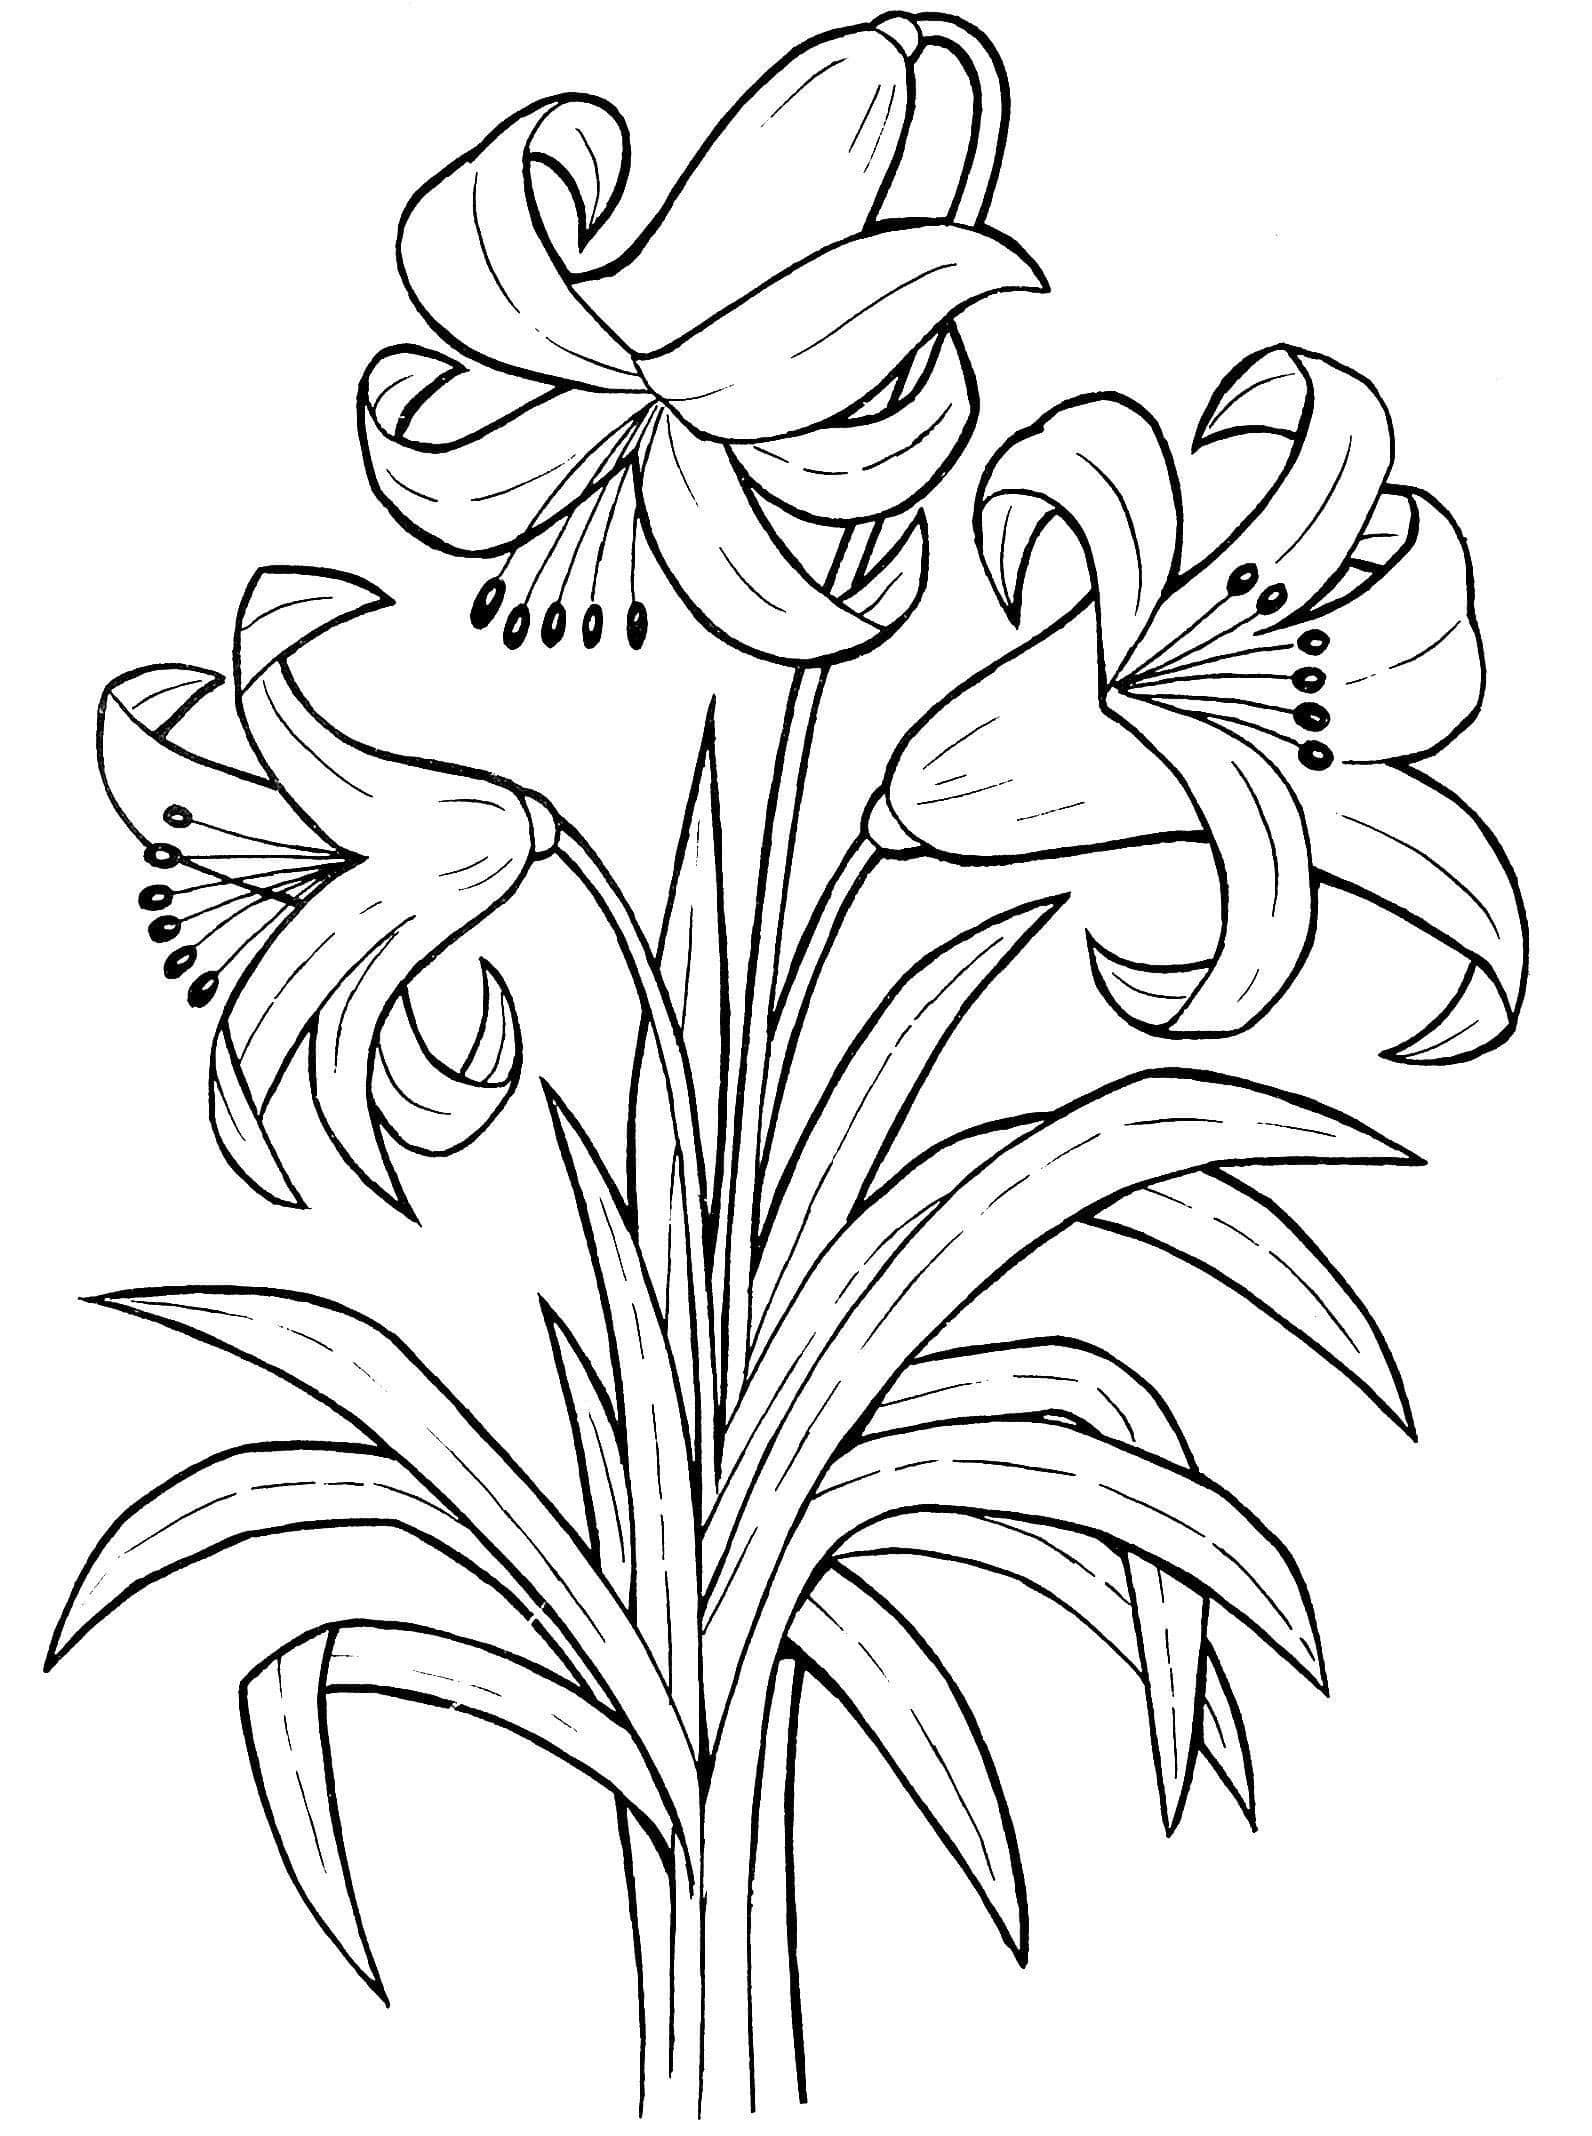 Букет цветов раскраски, распечатать бесплатно